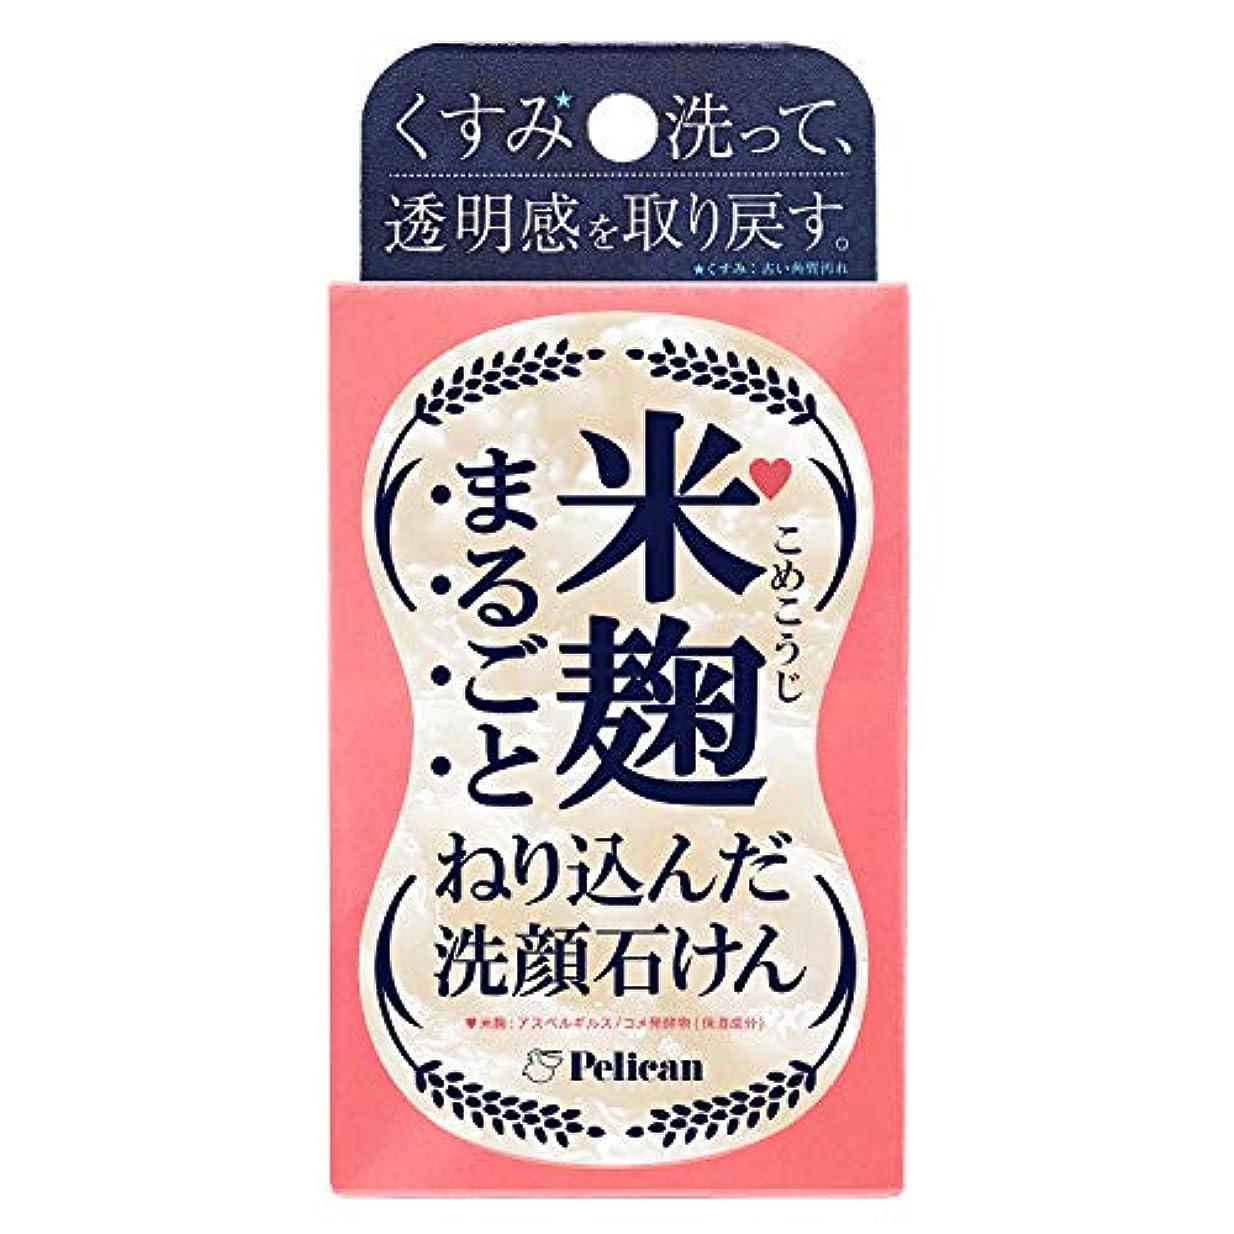 シード請求可能トレーダー米麹まるごとねり込んだ洗顔石けん 75g